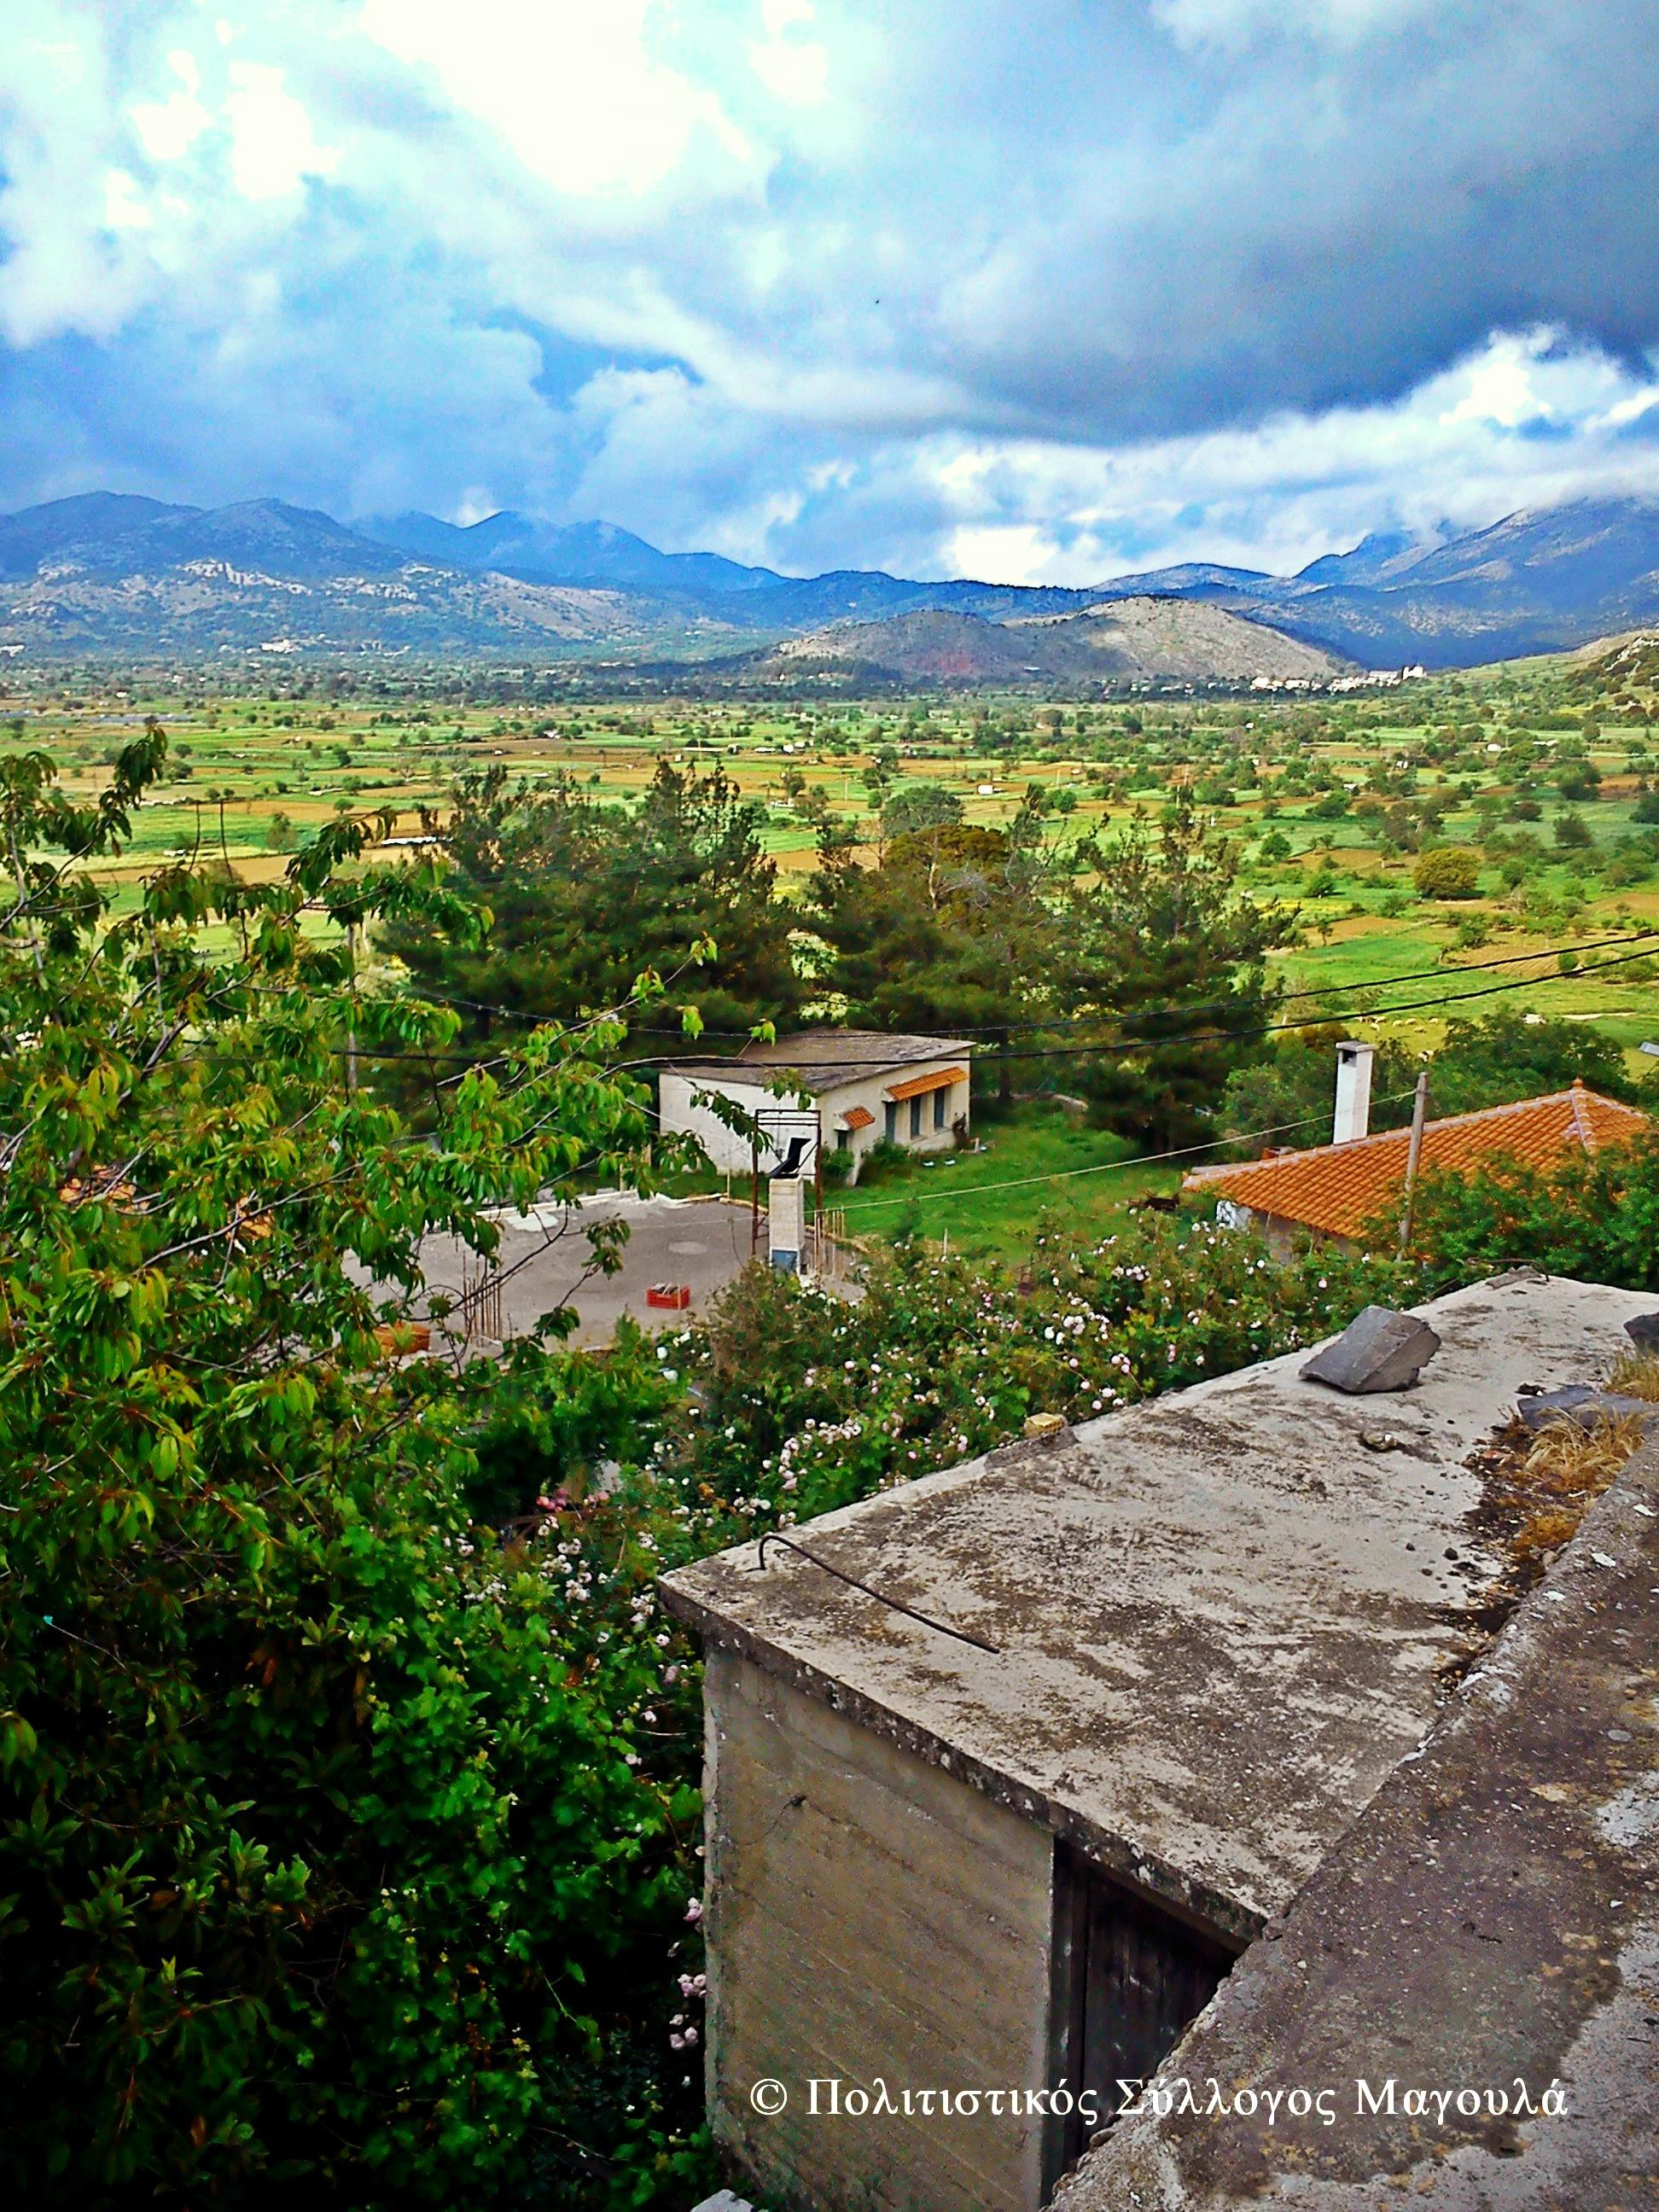 Το σχολείο του χωριού και πίσω ο λασιθιώτικος κάμπος